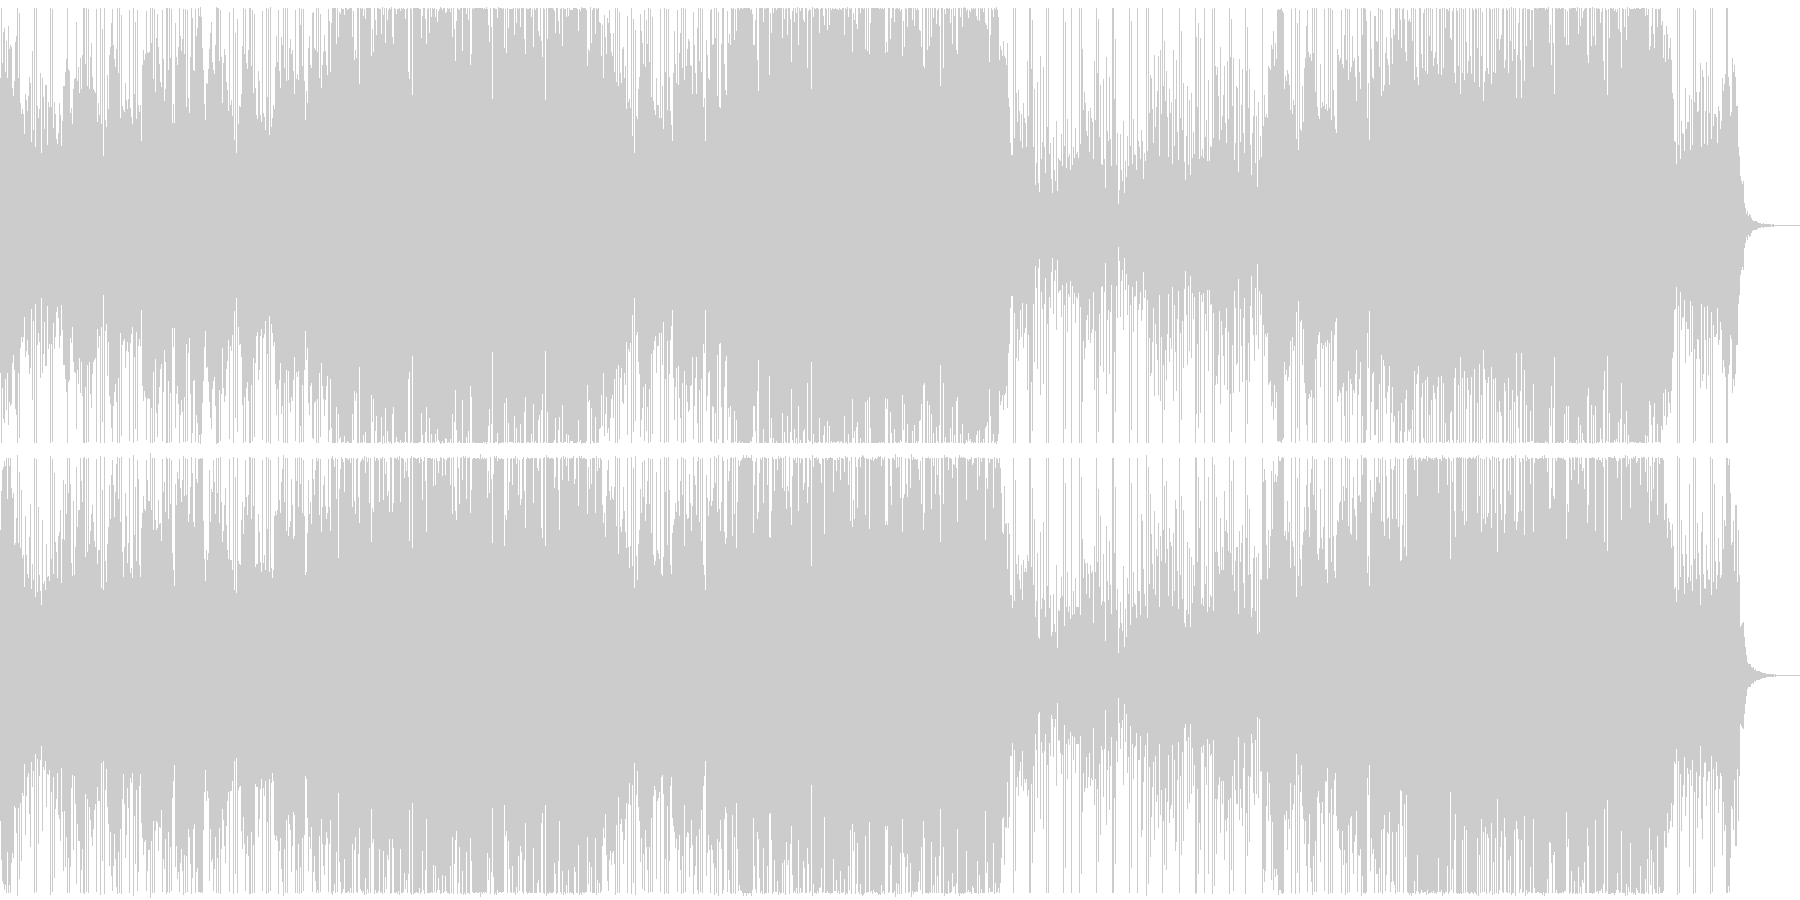 哀愁漂うインストミディアムバラードの未再生の波形